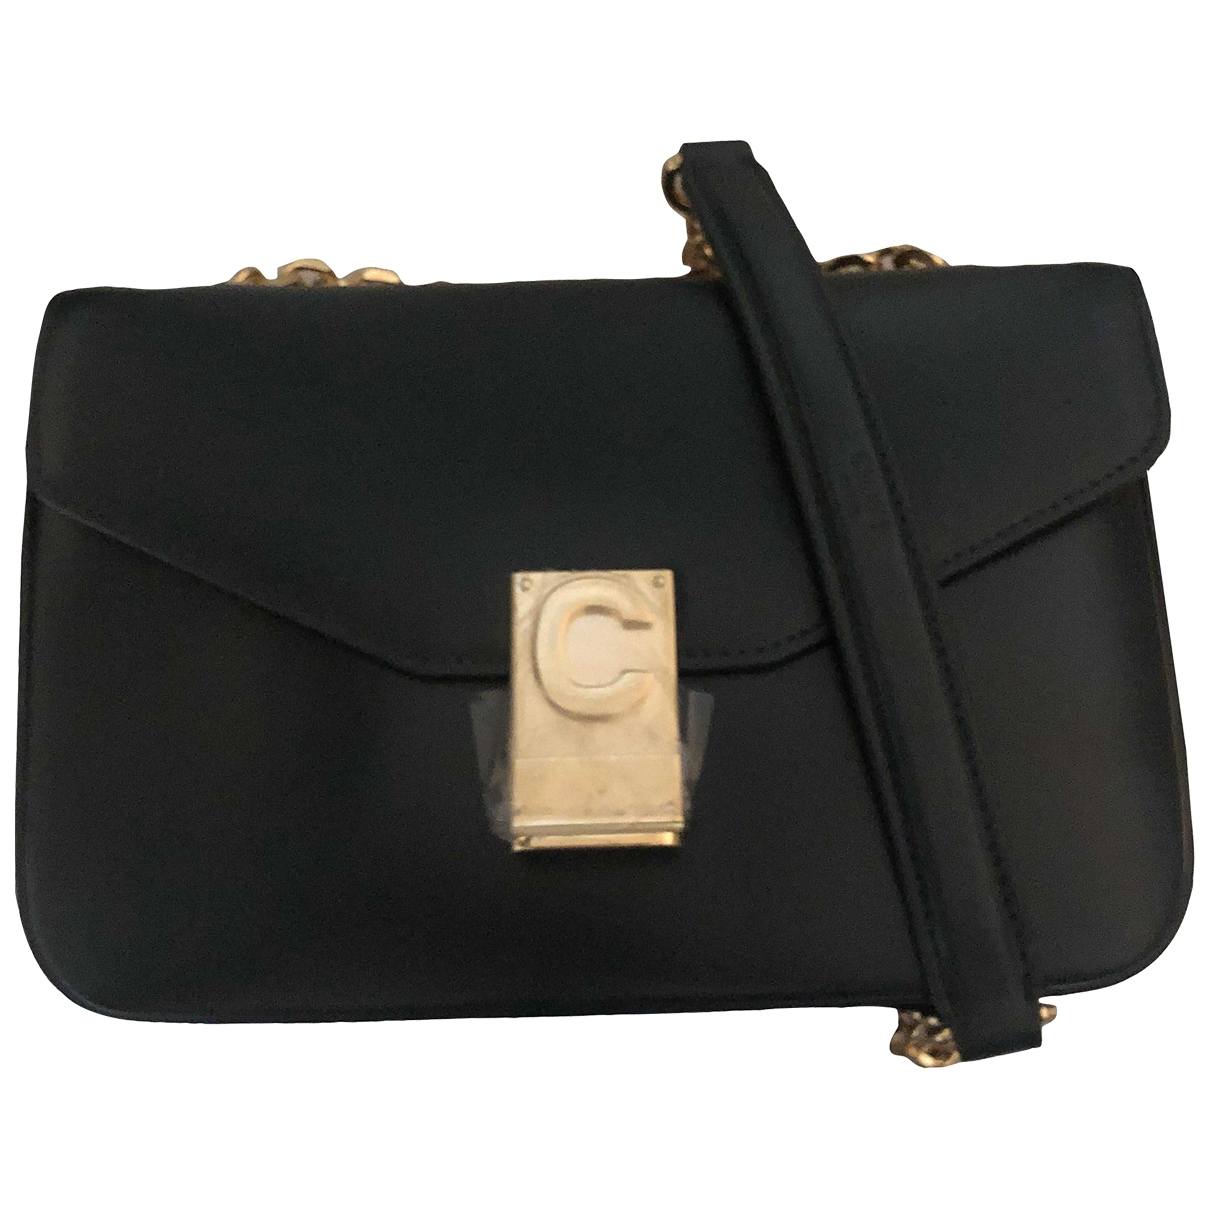 Celine C bag Green Leather handbag for Women \N